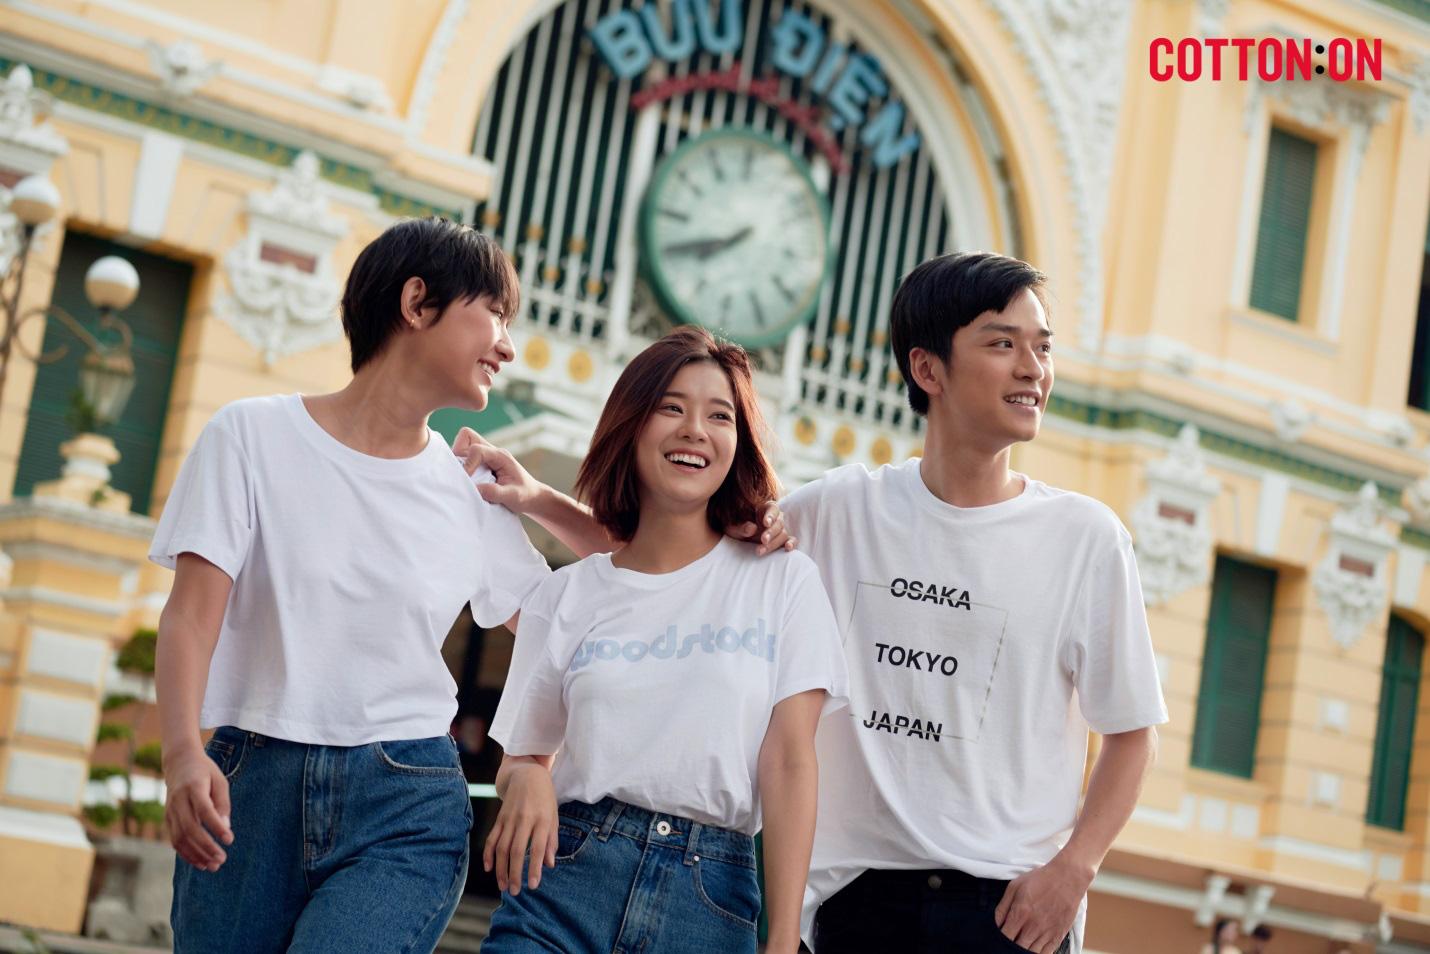 Hoàng Yến, Trần Nghĩa và Hồ Thu Anh trẻ trung với thời trang quốc tế đến từ Úc - COTTON:ON - Ảnh 1.